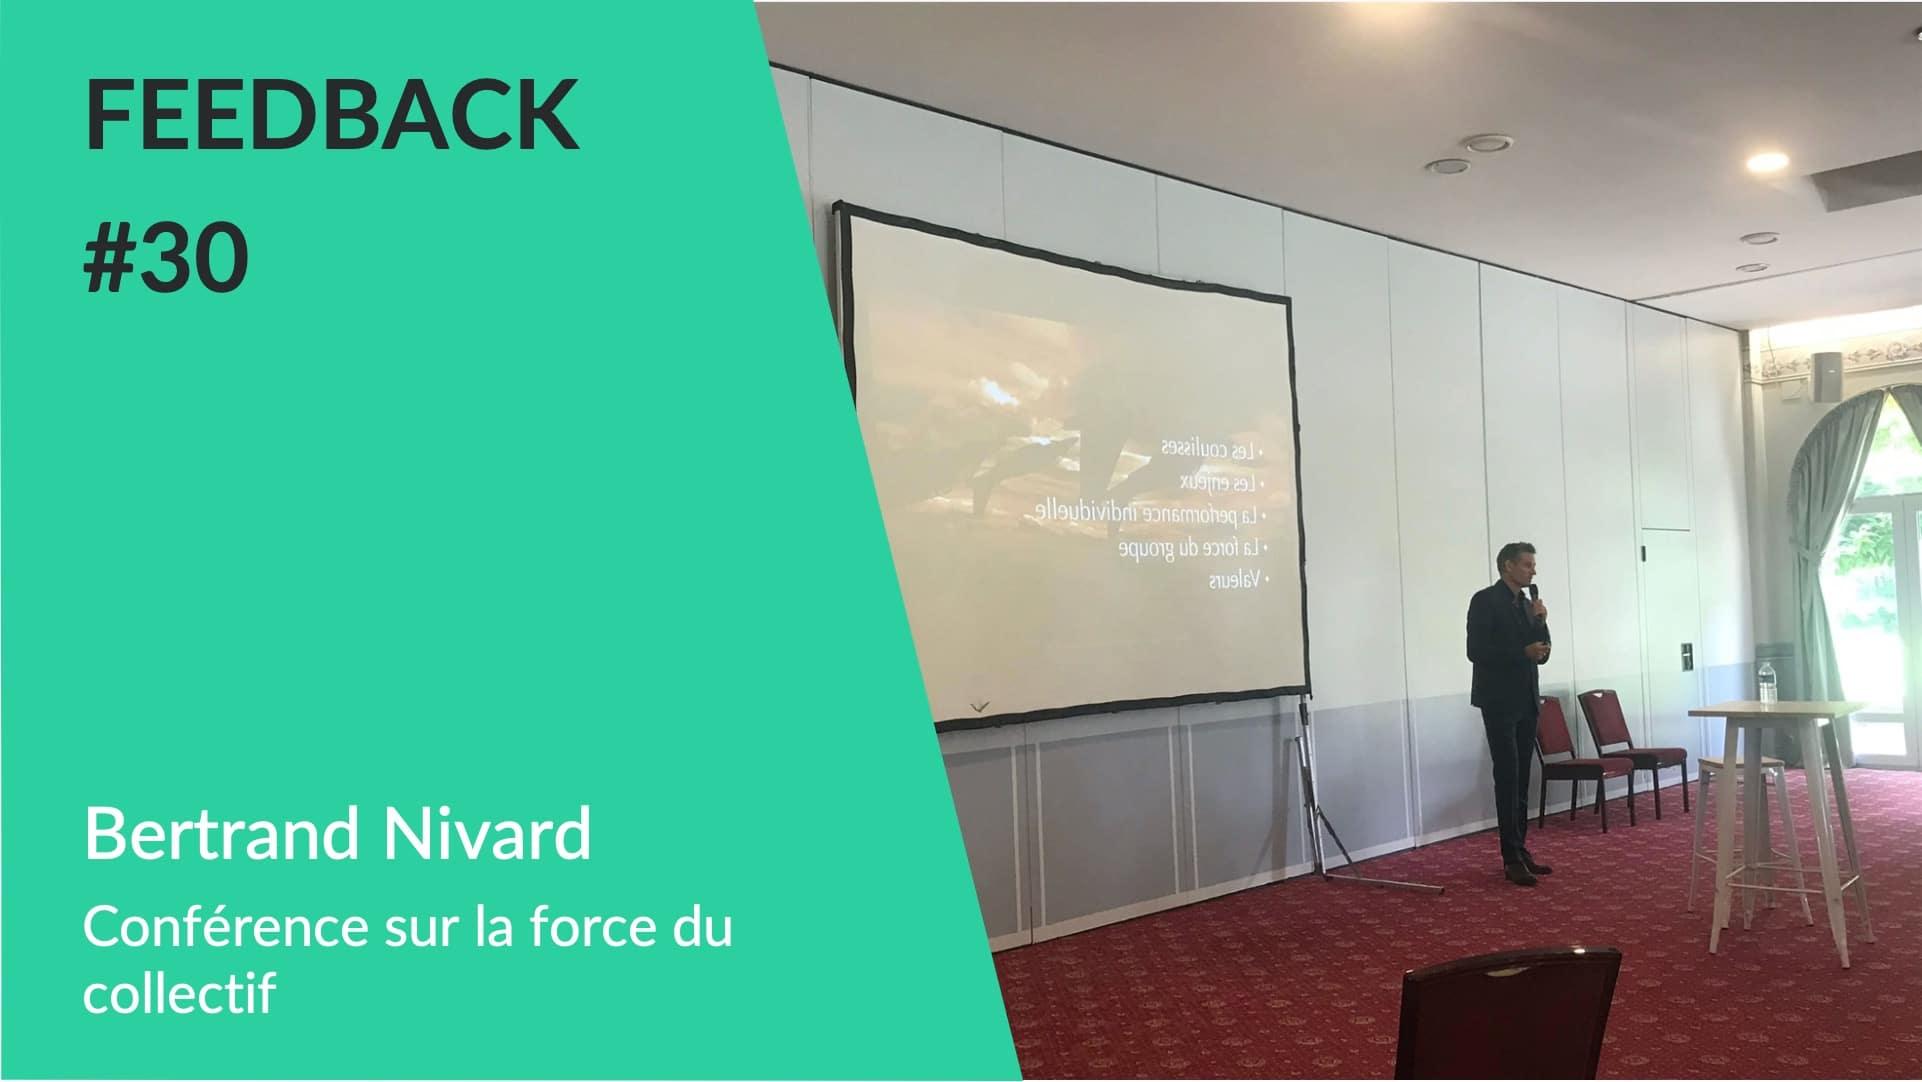 Conférence sur l'esprit d'équipe par Bertrand Nivard ancien leader de la patrouille de France